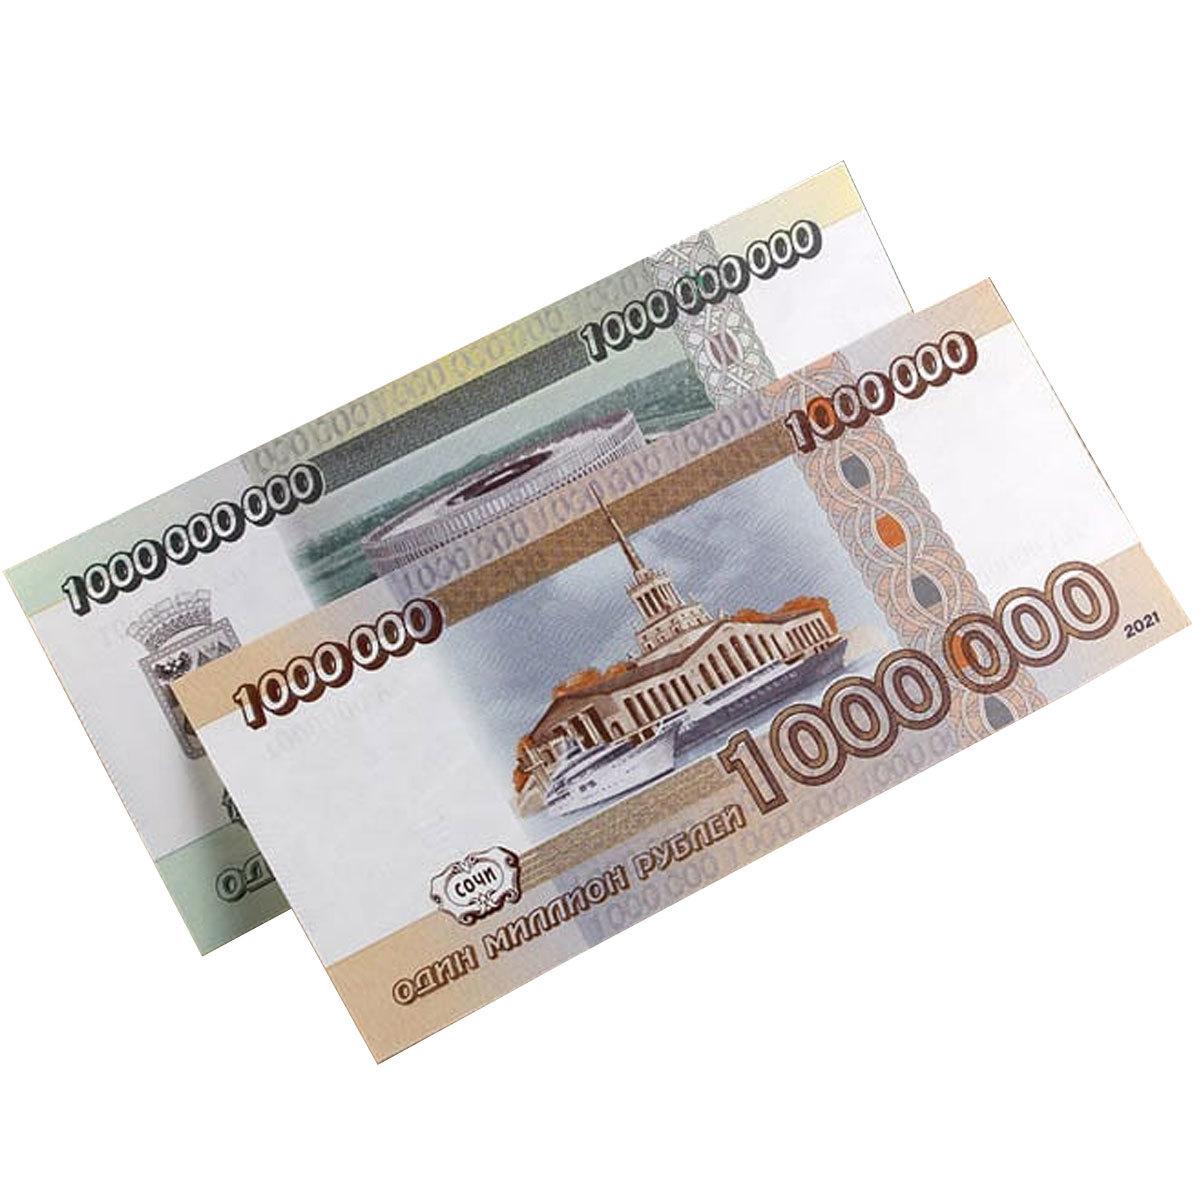 Сувенирная банкнота 1 000 000 000 рублей 2021 год